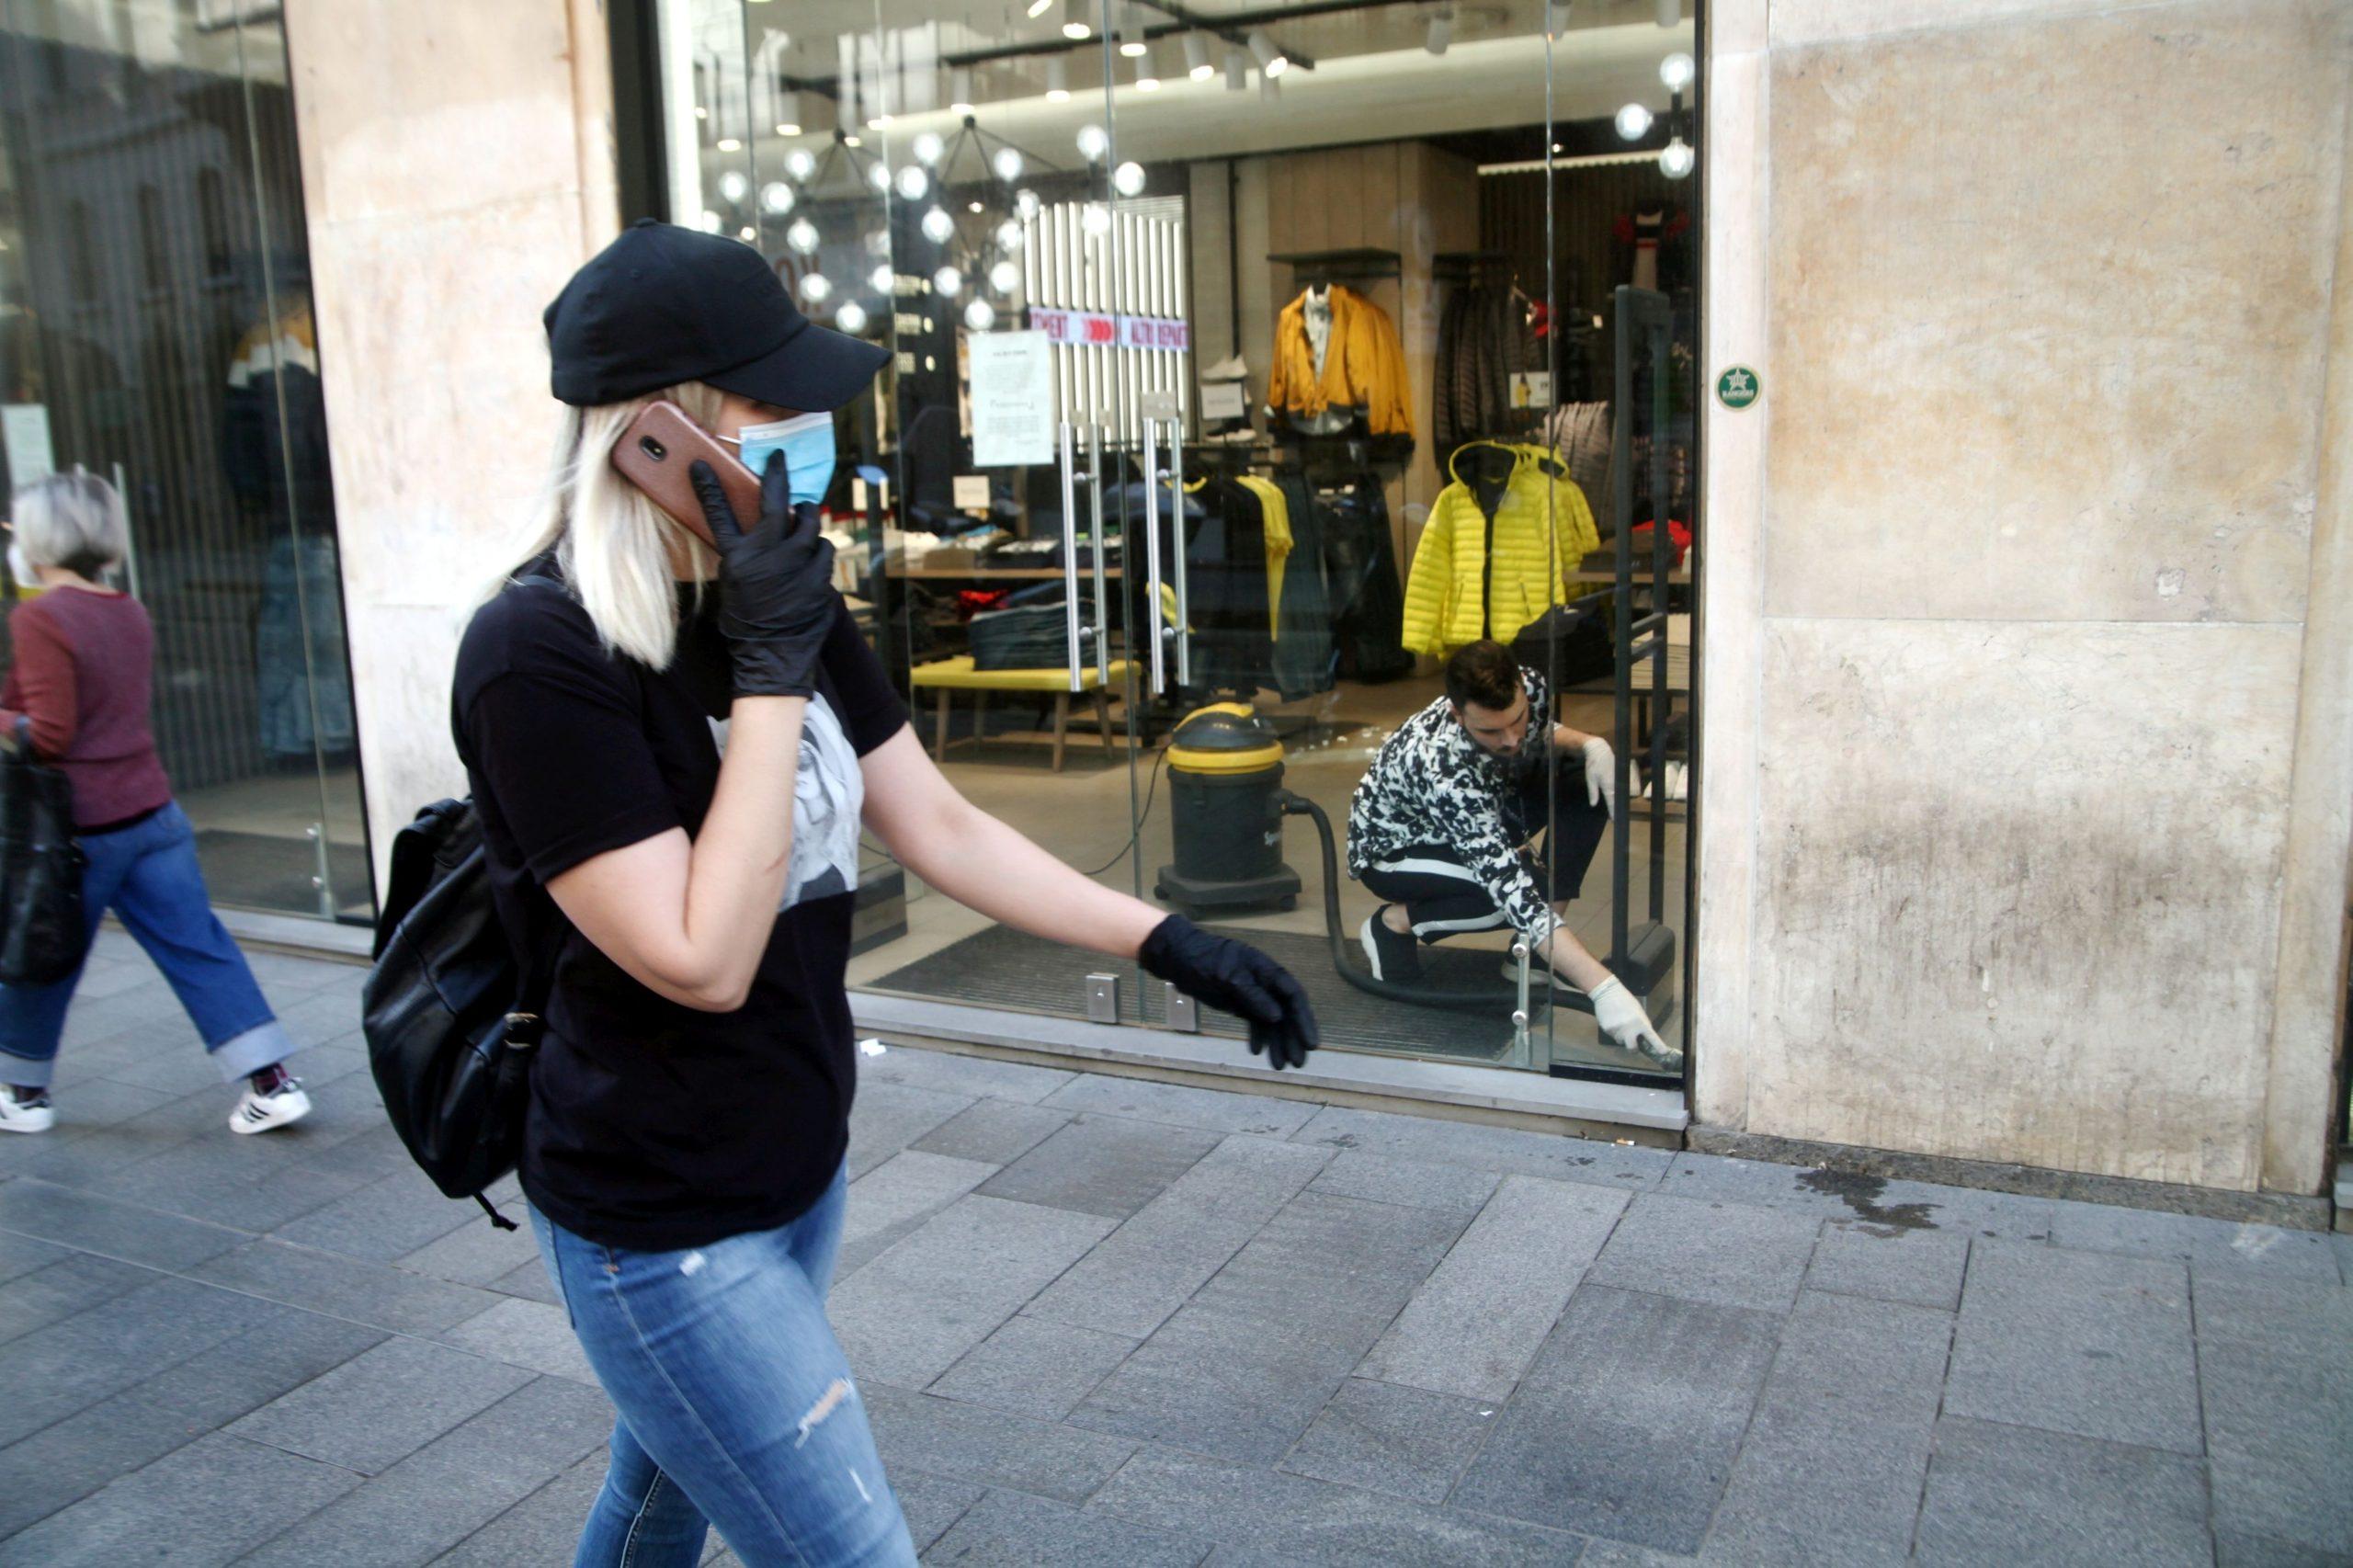 Lieve aumento dei casi in Italia: in 6 regioni l'indice di trasmissibilità è sopra 1